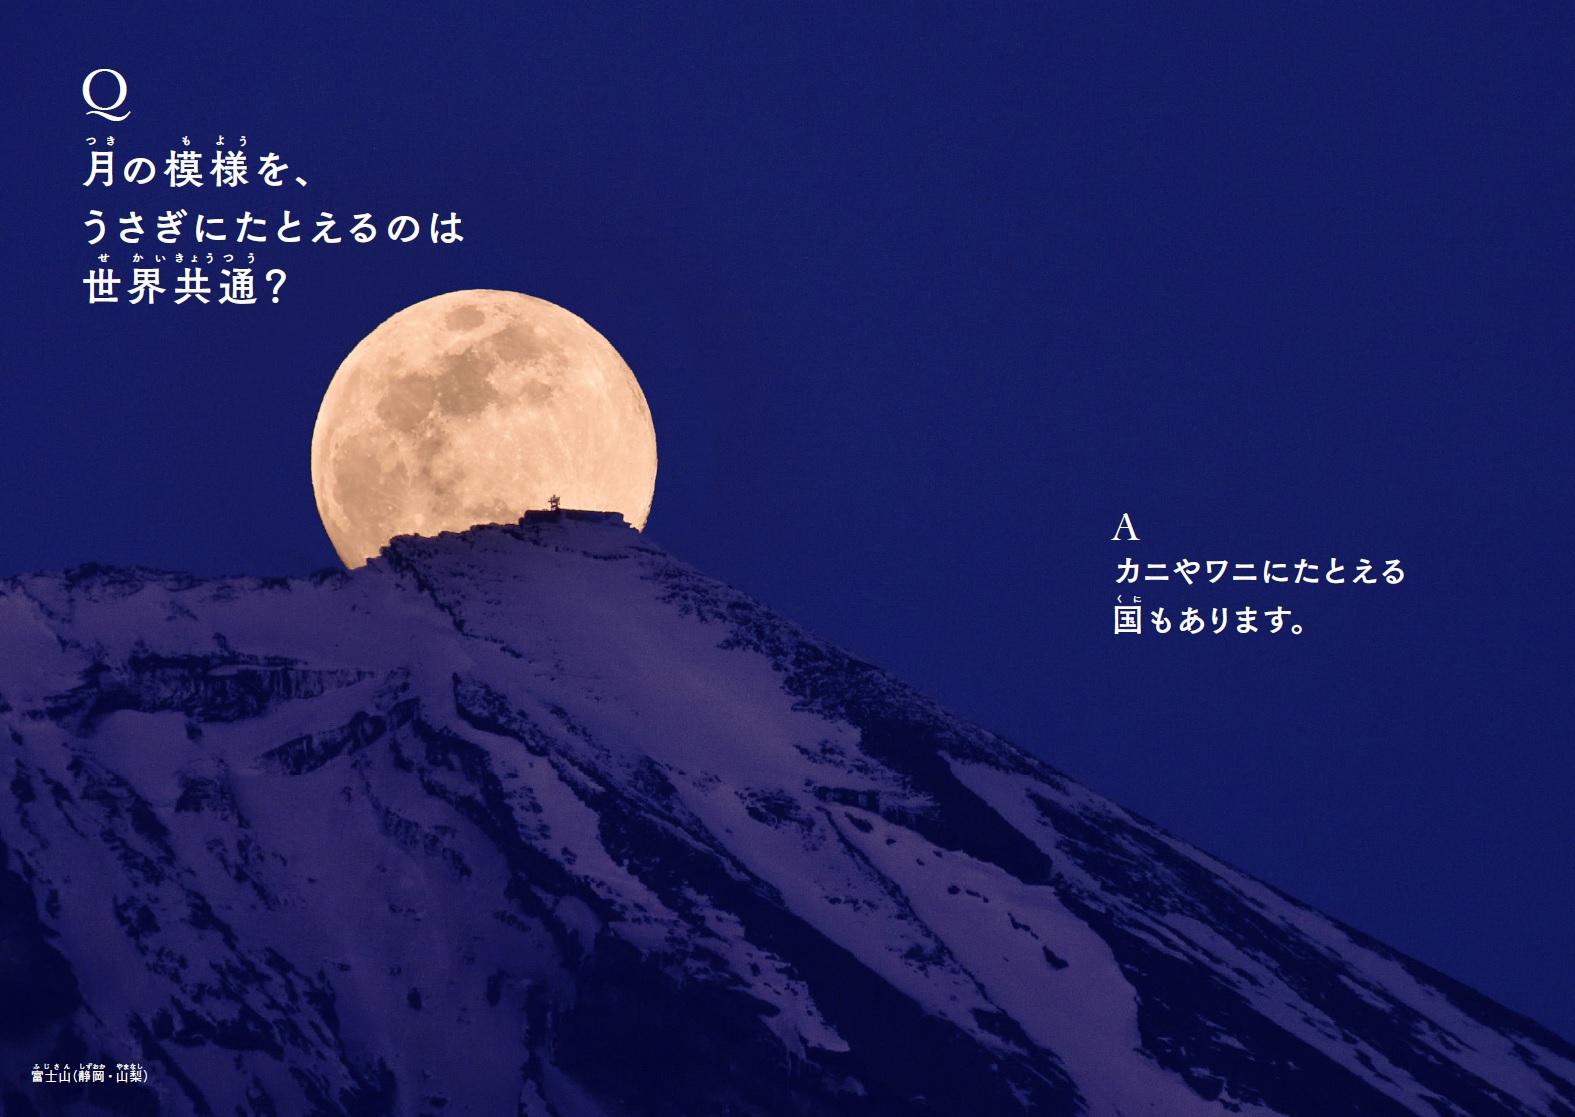 世界でいちばん素敵な月の教室